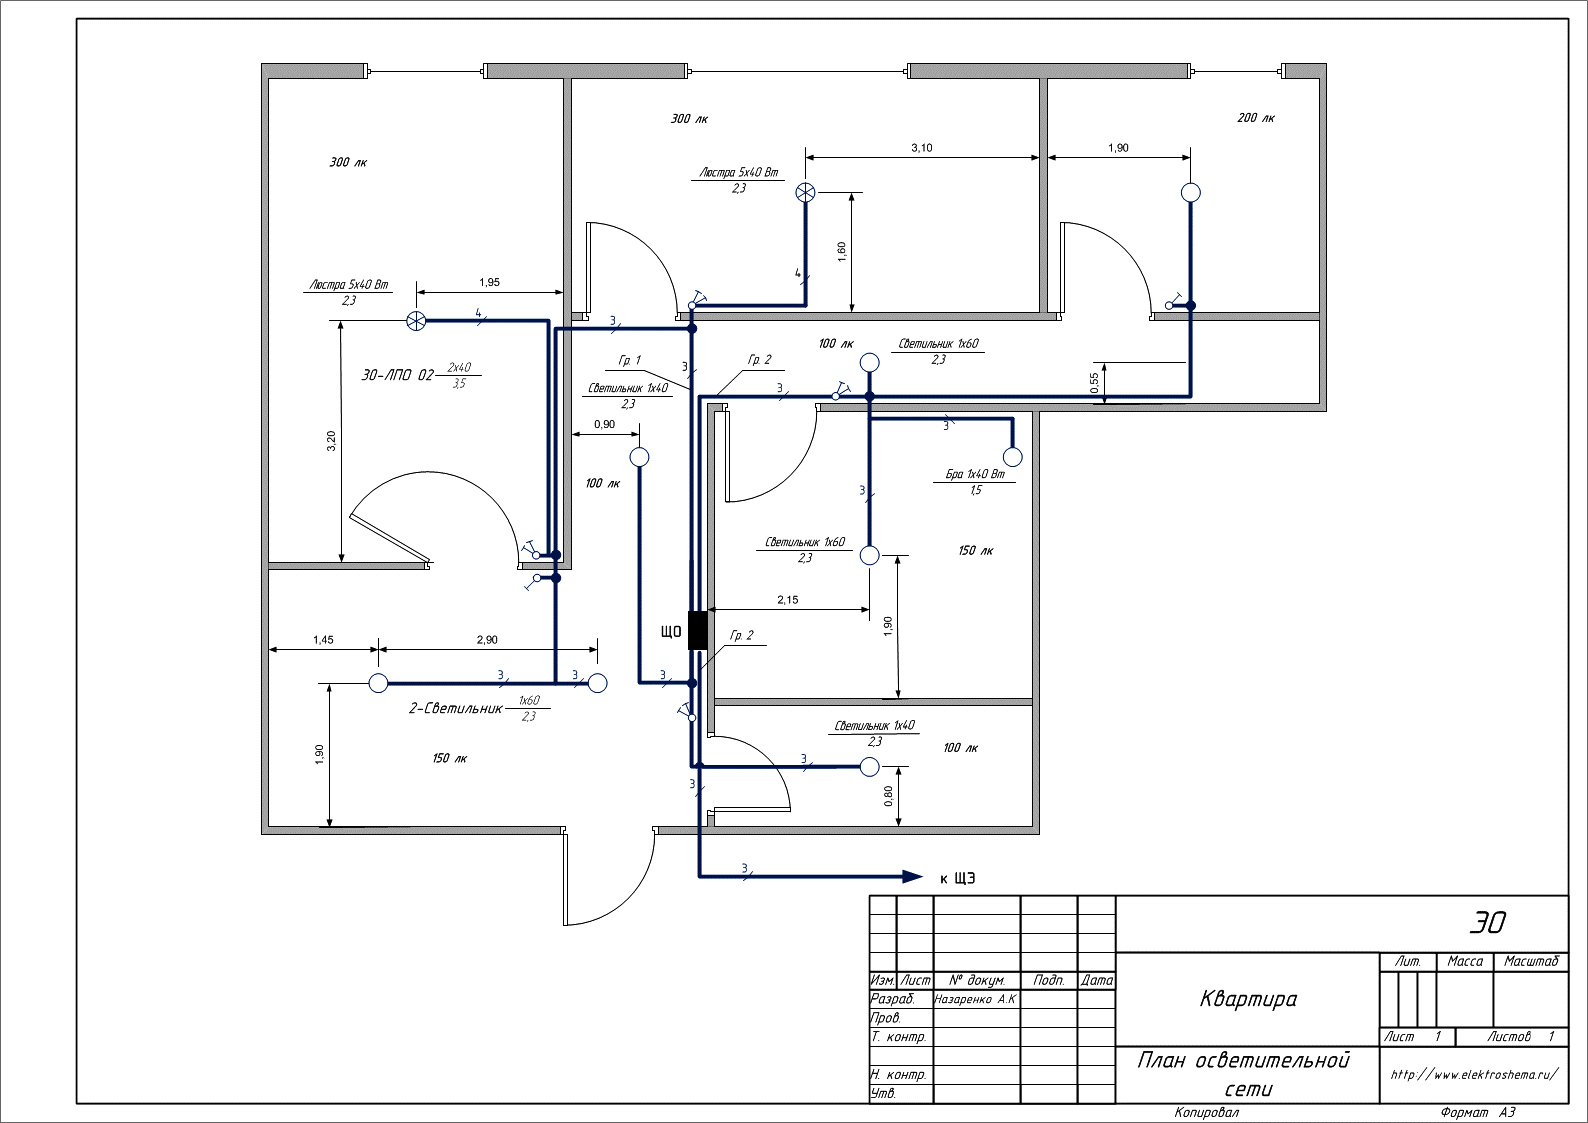 Однолинейная схема электроснабжения образец в ворде